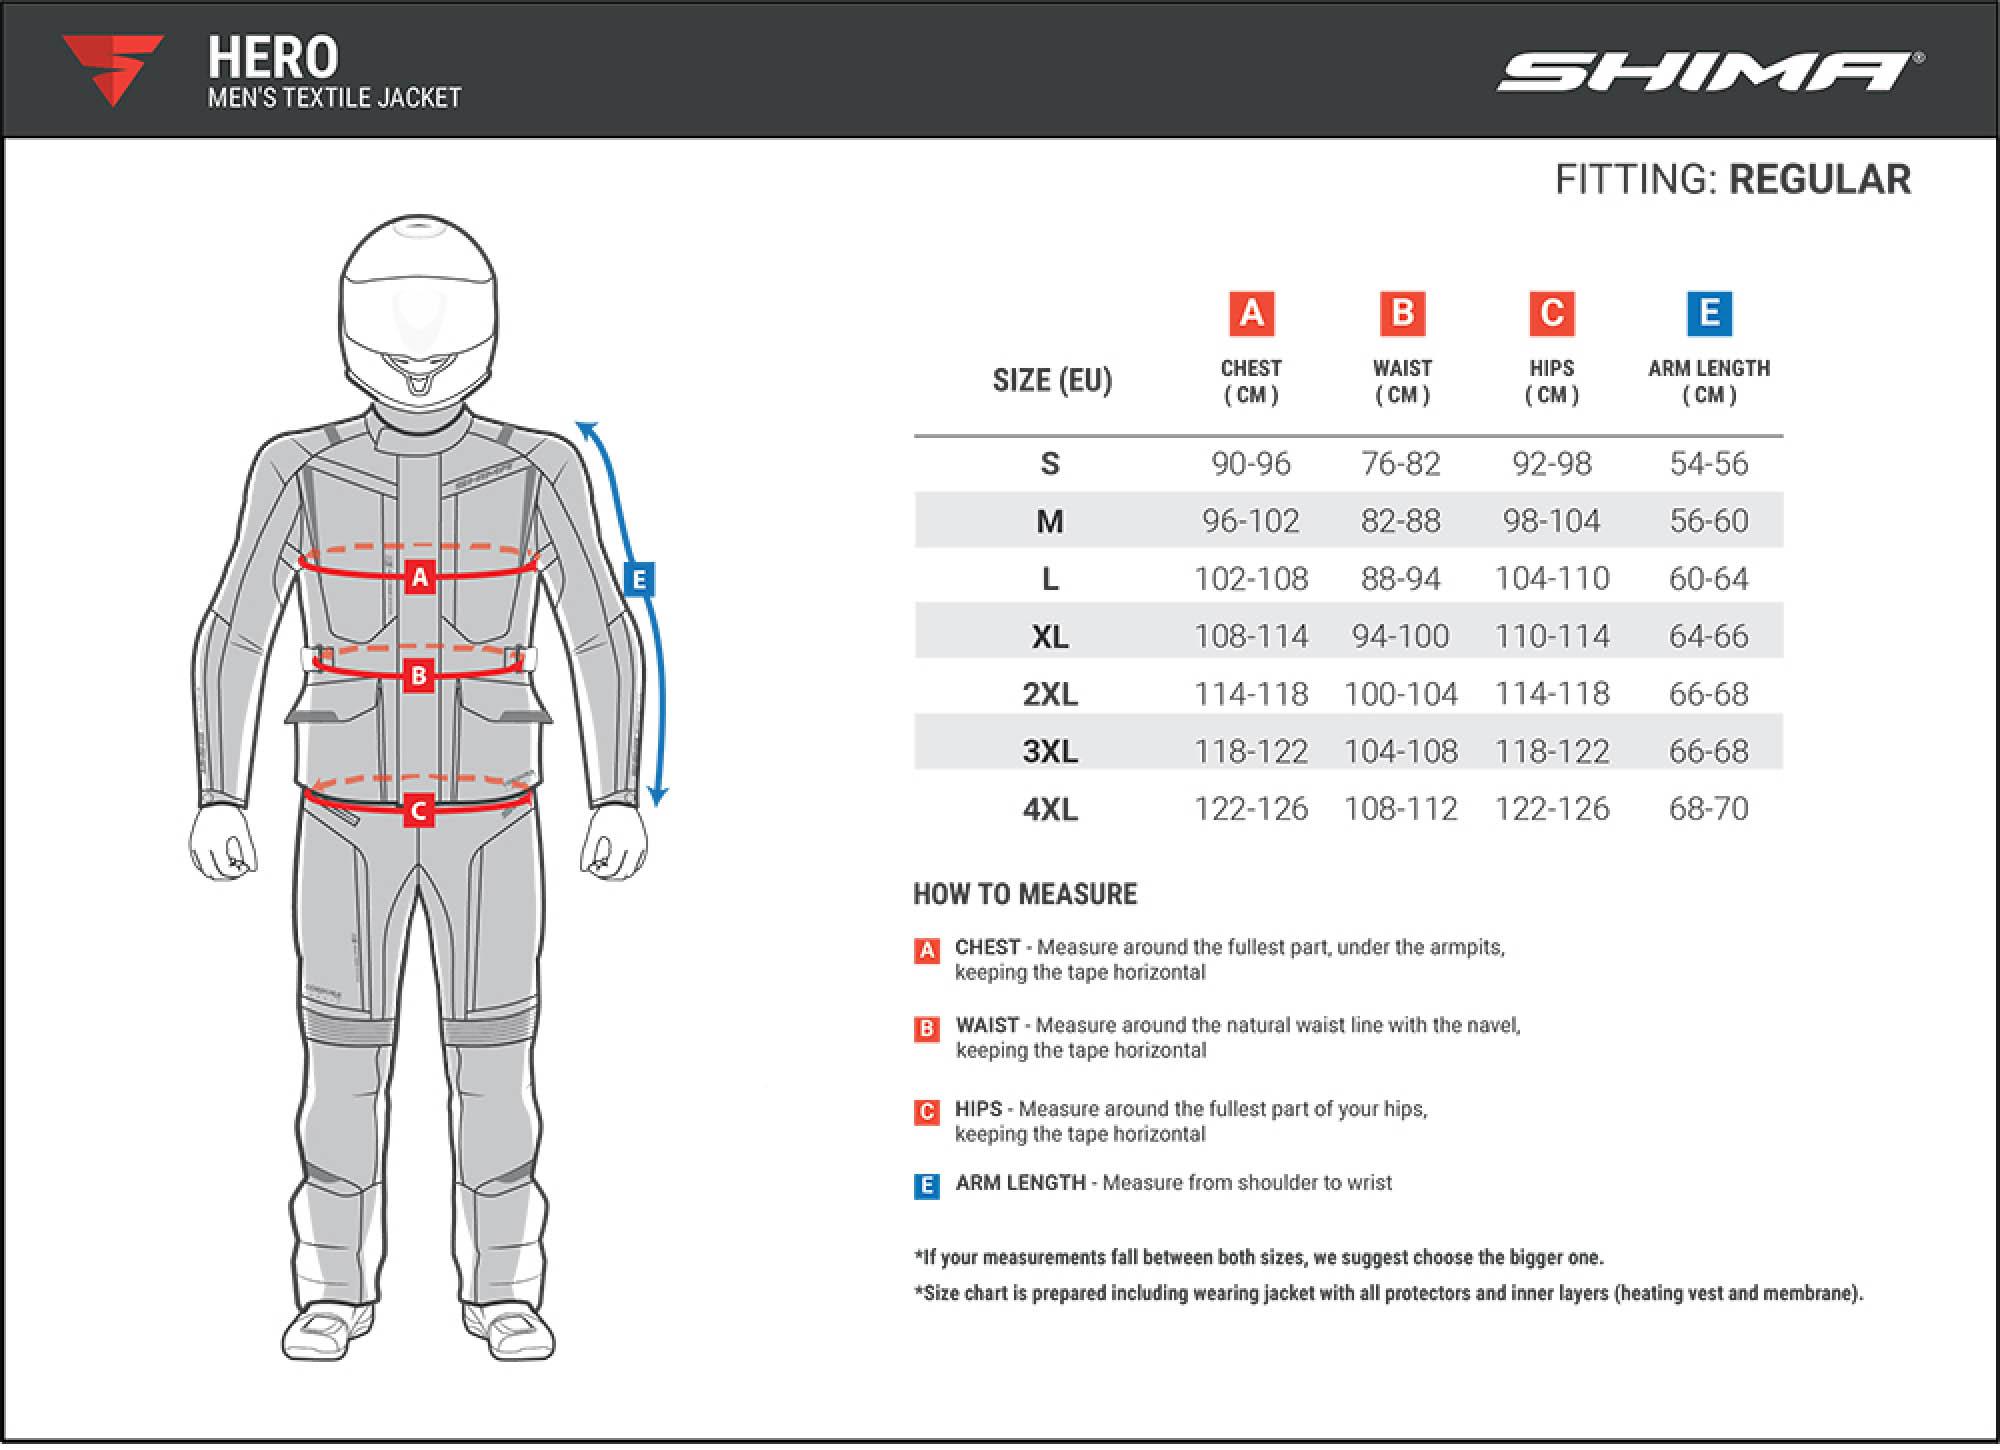 Туристическая куртка SHIMA HERO из текстиля для мотоциклистов таблица размеров